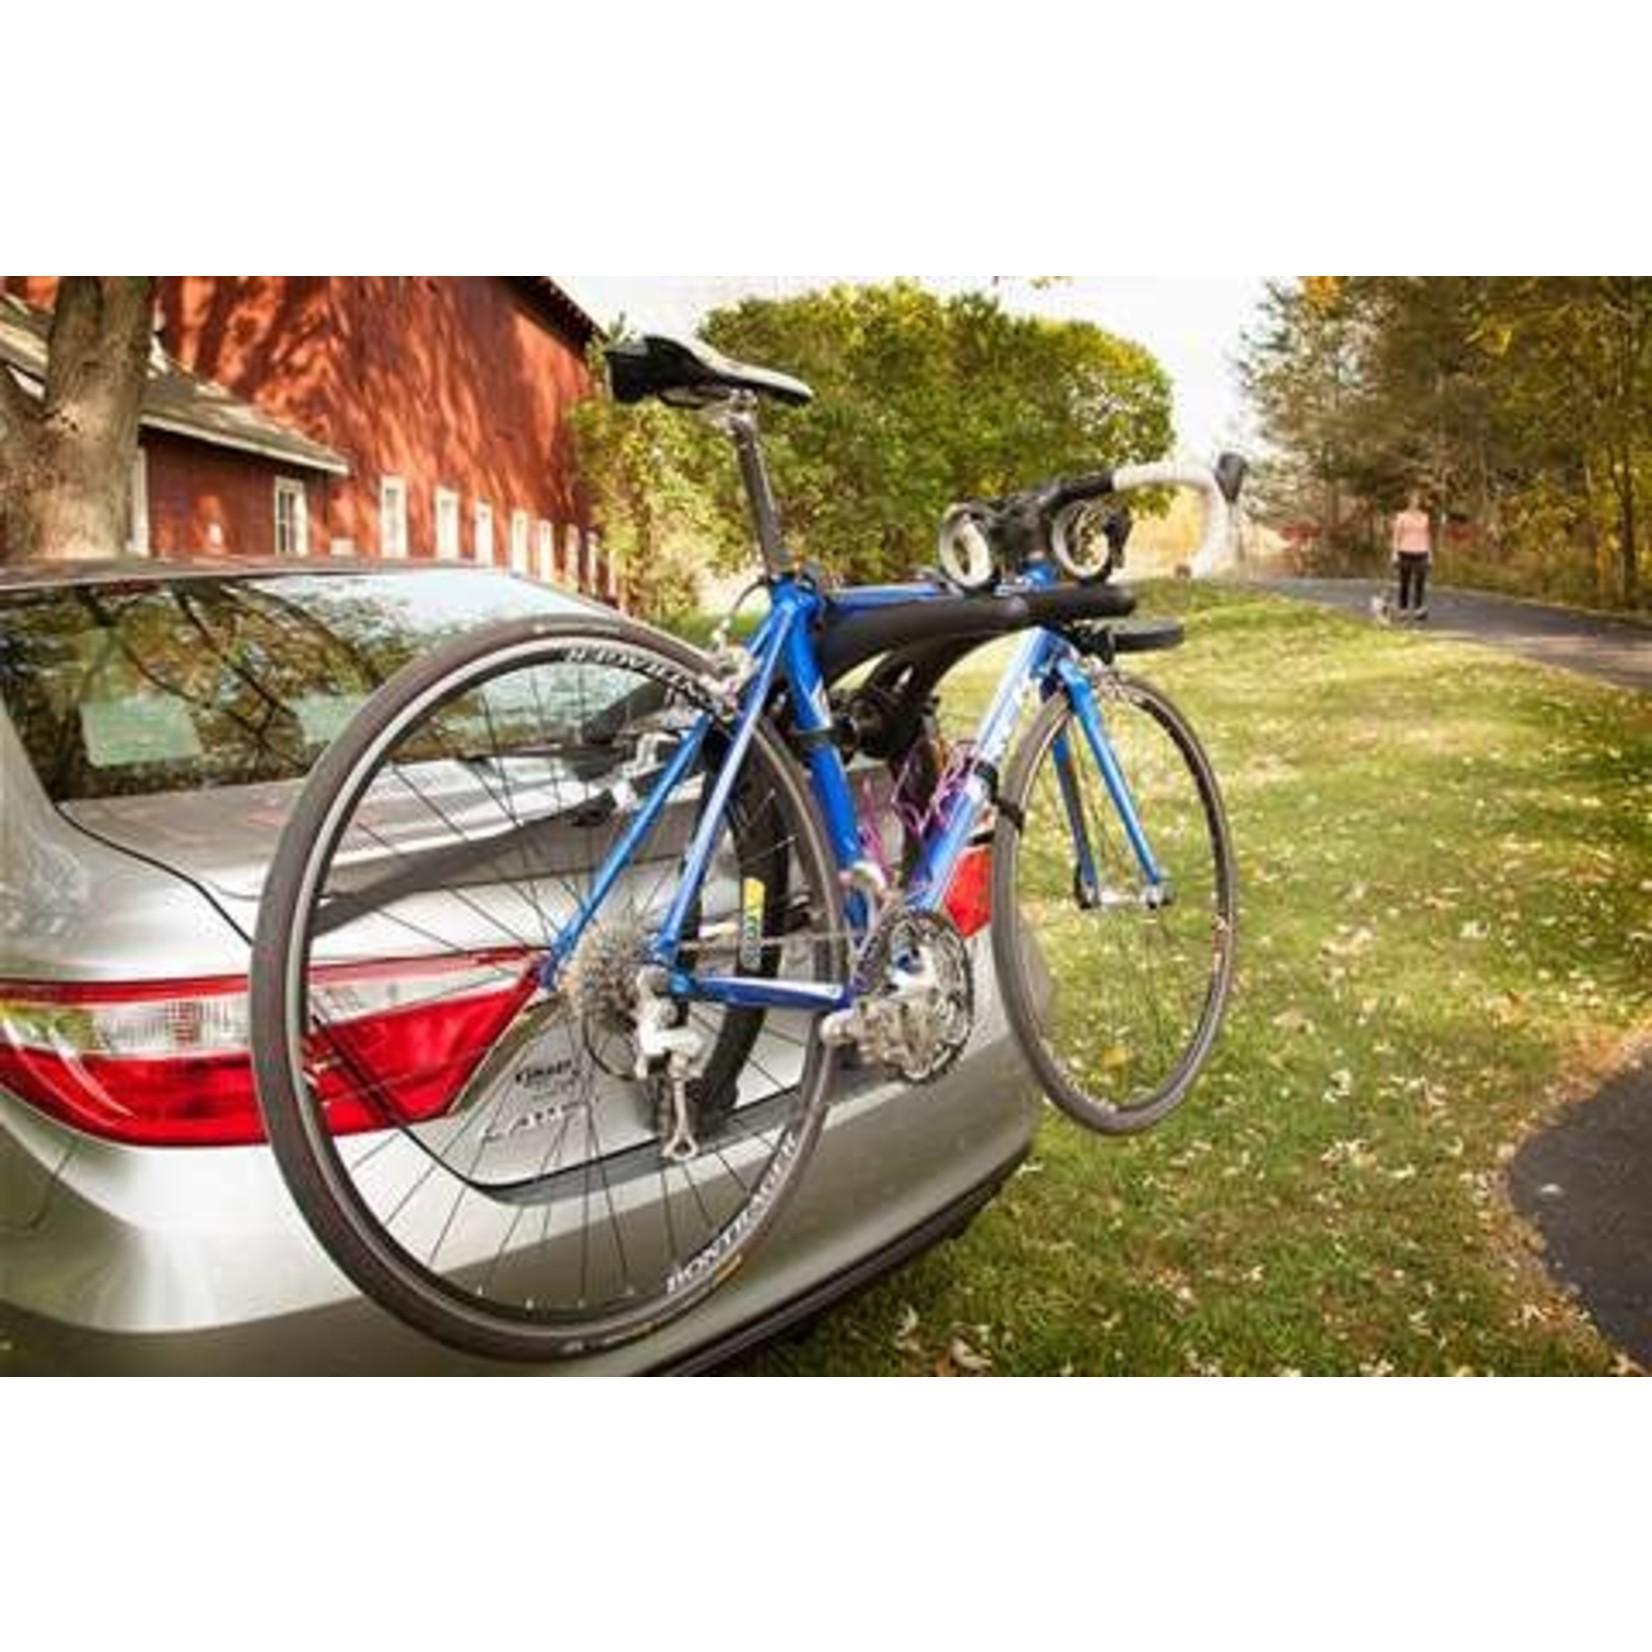 Saris Bones Trunk Rack: 2 Bike